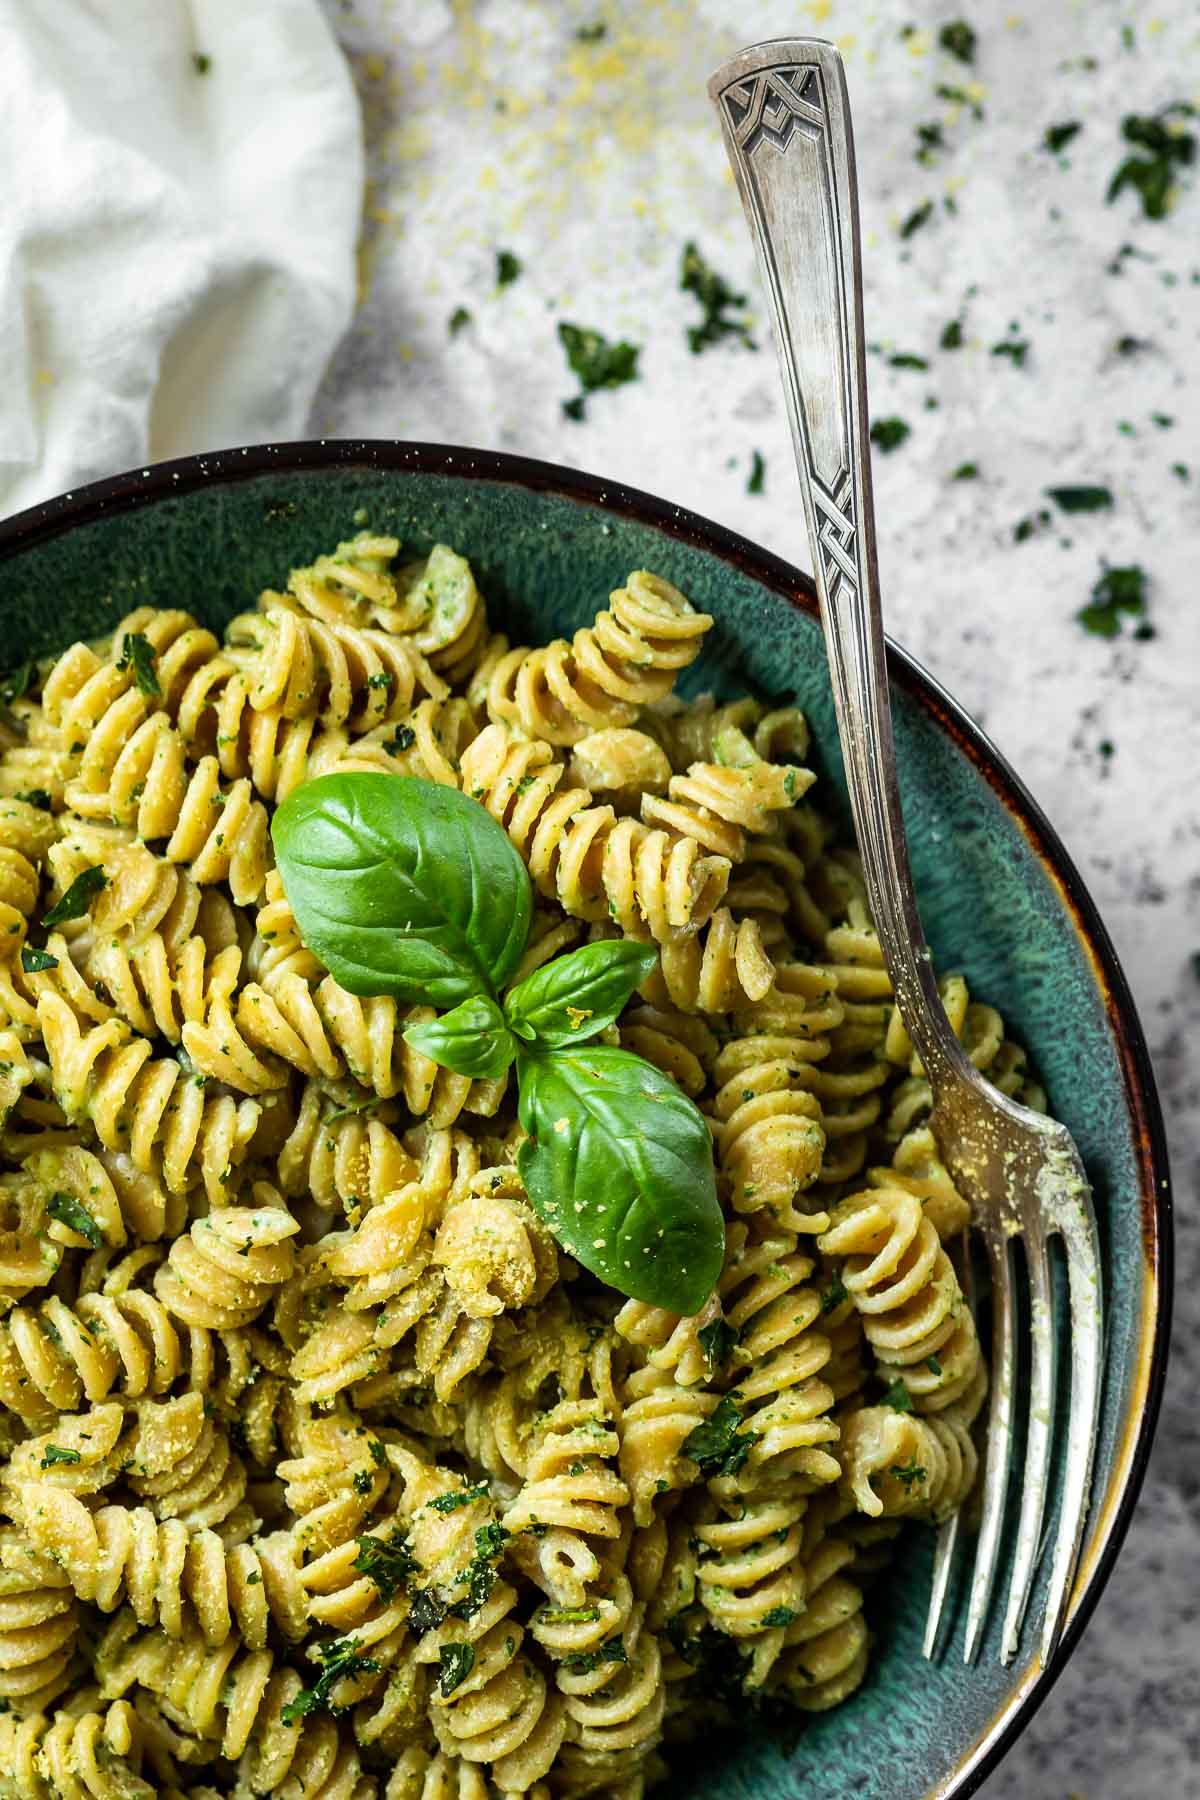 Vegan Pesto Cream Sauce in a Bowl with Pasta.